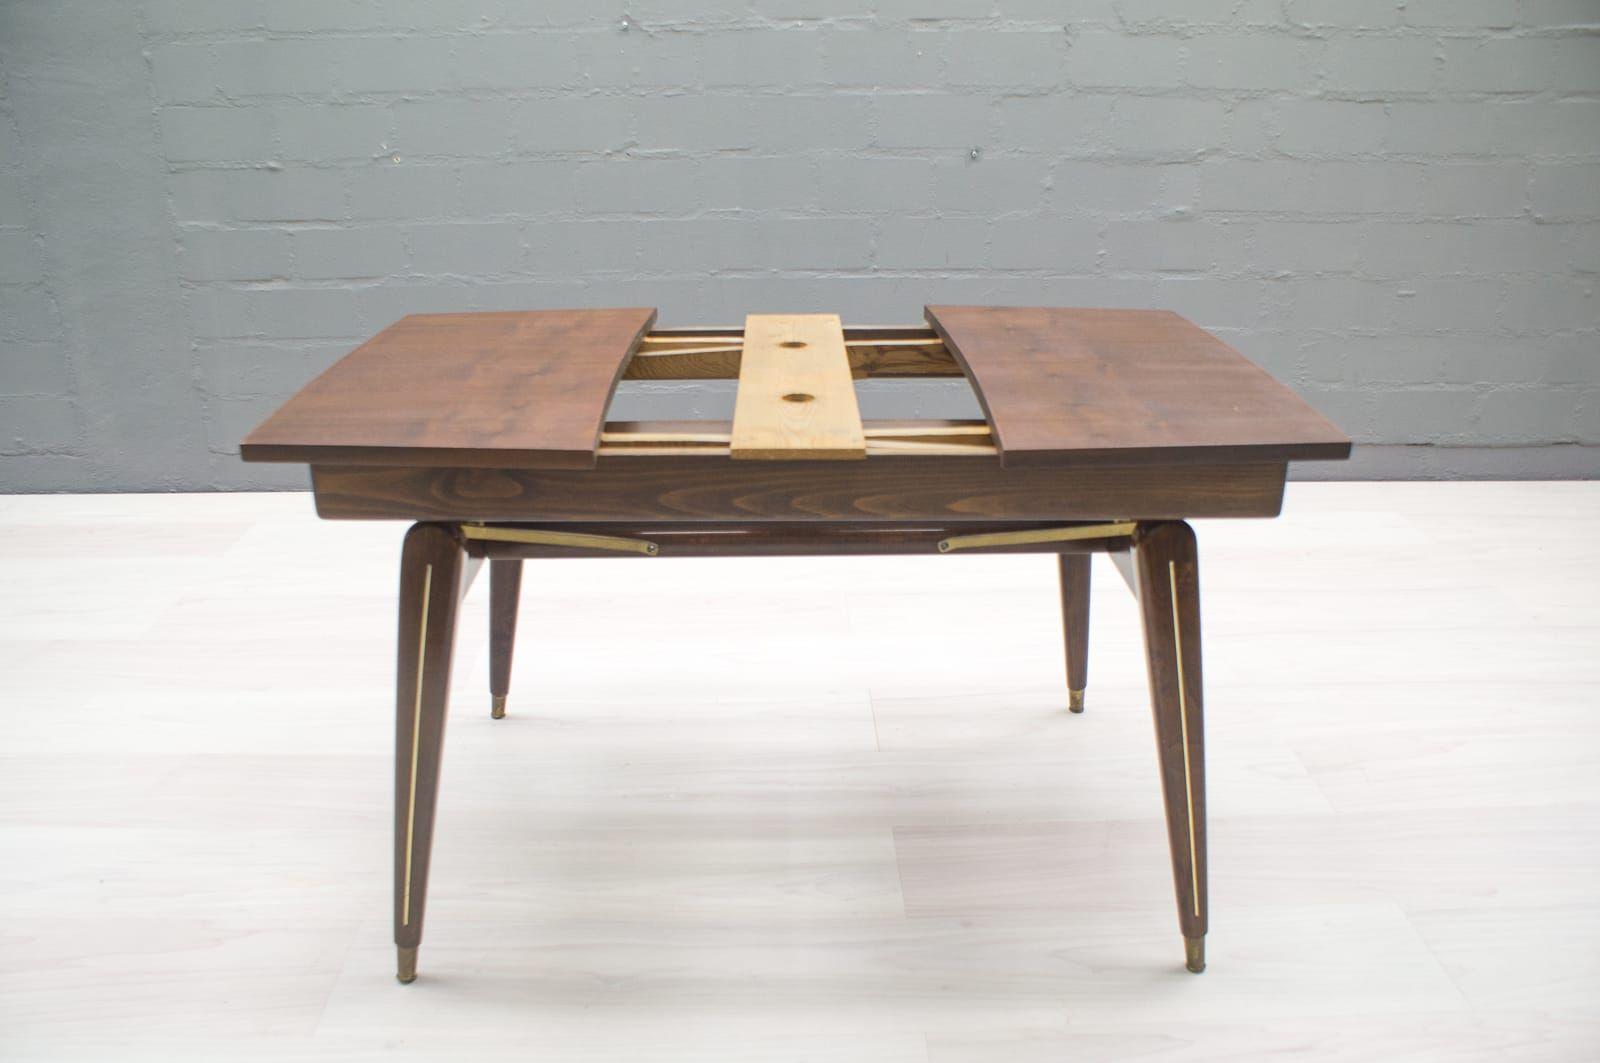 h henverstellbarer couch oder esstisch 1950er bei pamono. Black Bedroom Furniture Sets. Home Design Ideas